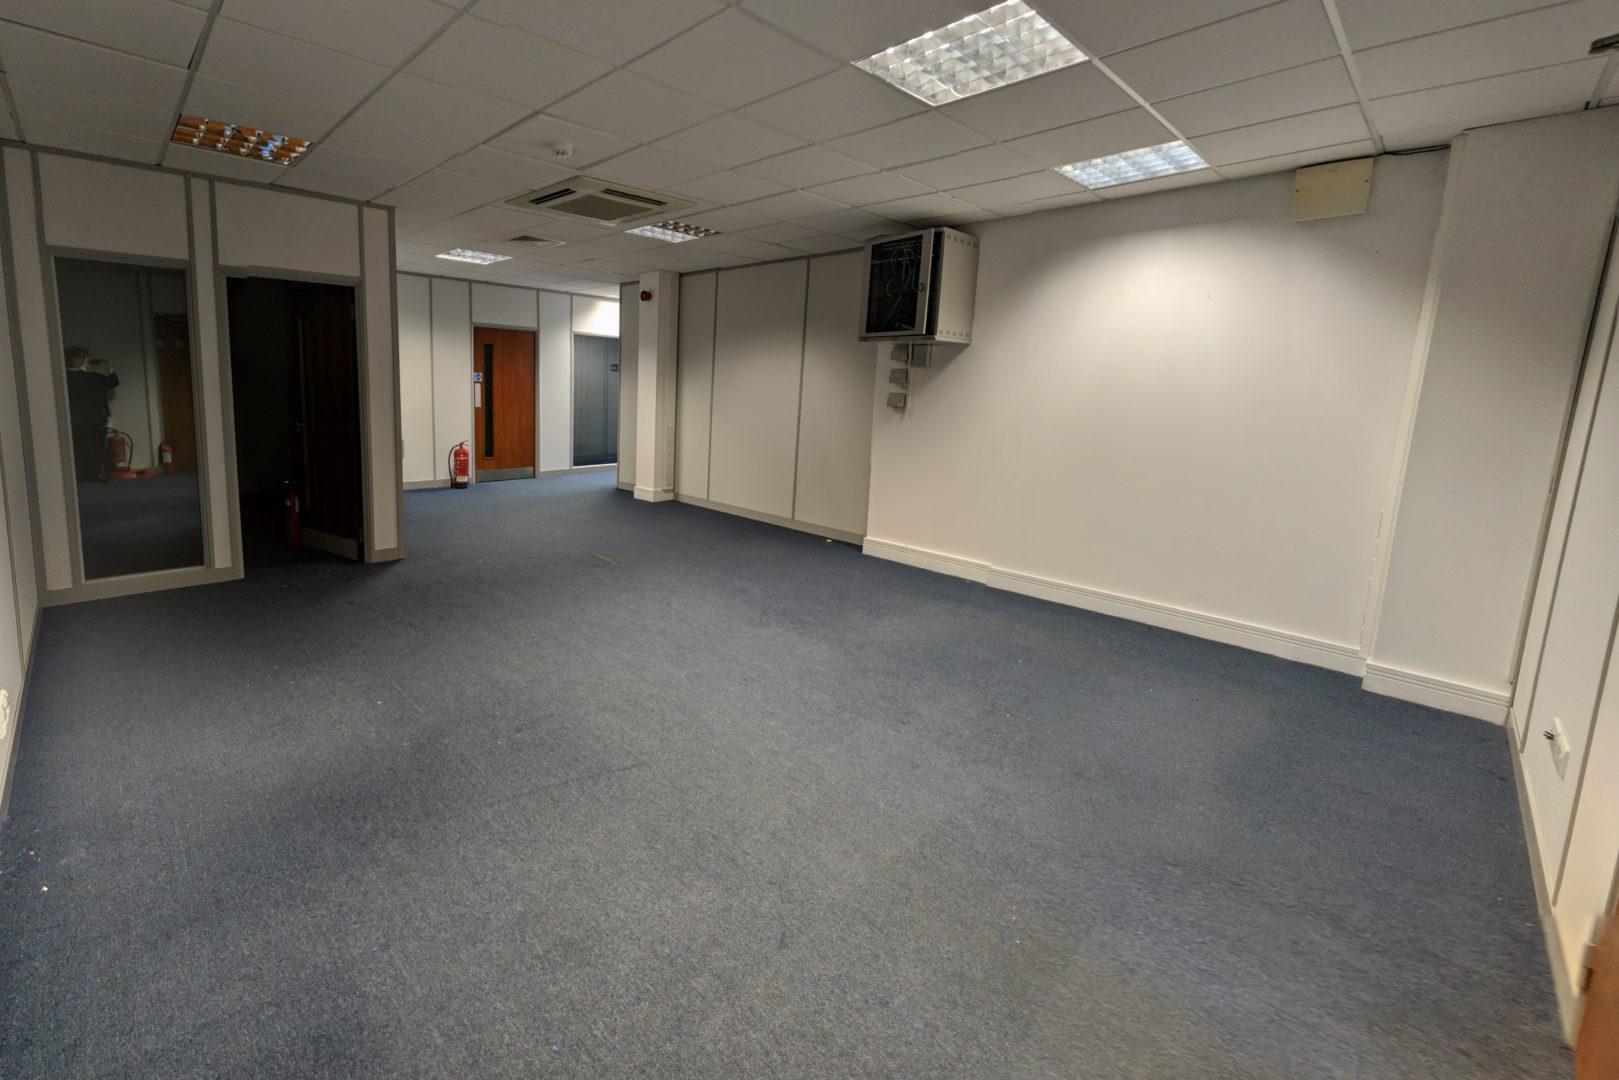 Suite 1, Englishgate Plaza, Carlisle